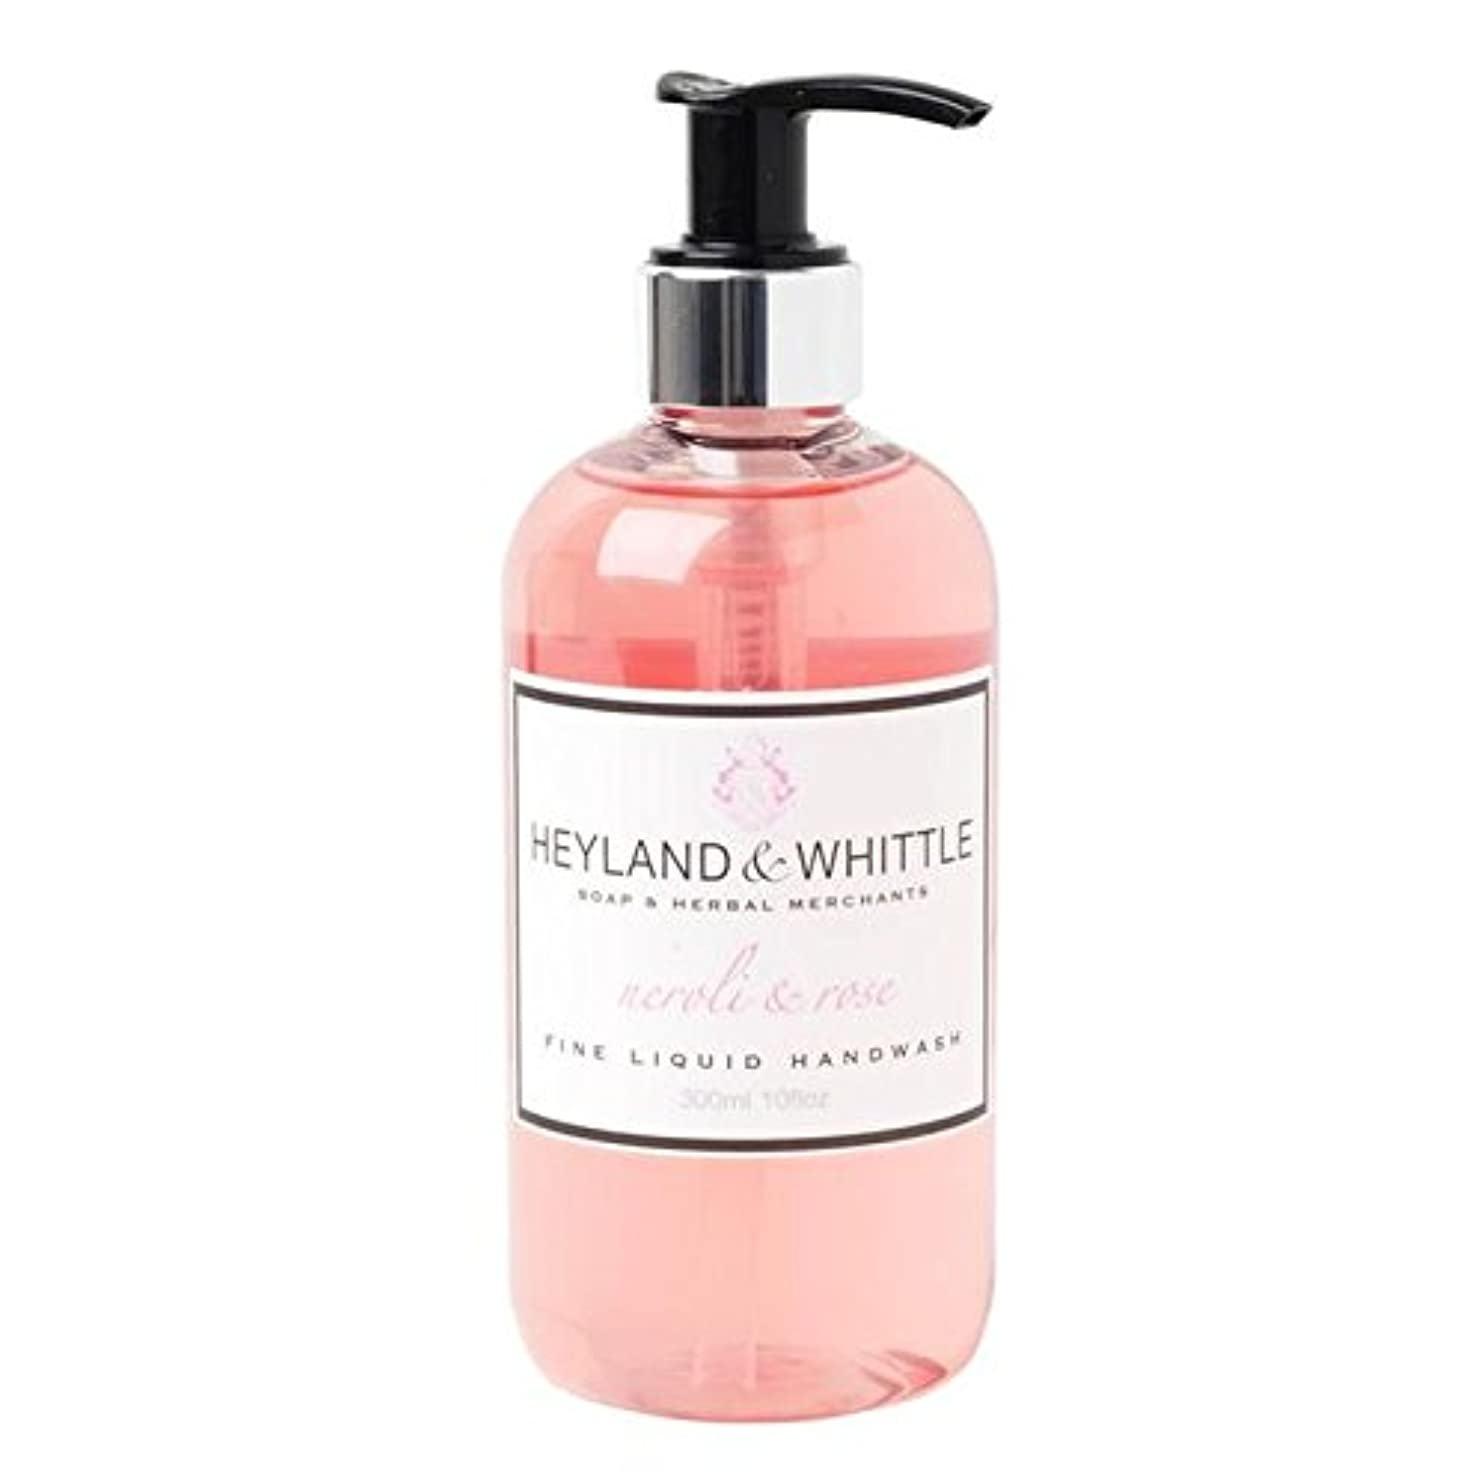 脳ベテラン受粉する&削るネロリ&手洗いの300ミリリットルをバラ x4 - Heyland & Whittle Neroli & Rose Handwash 300ml (Pack of 4) [並行輸入品]